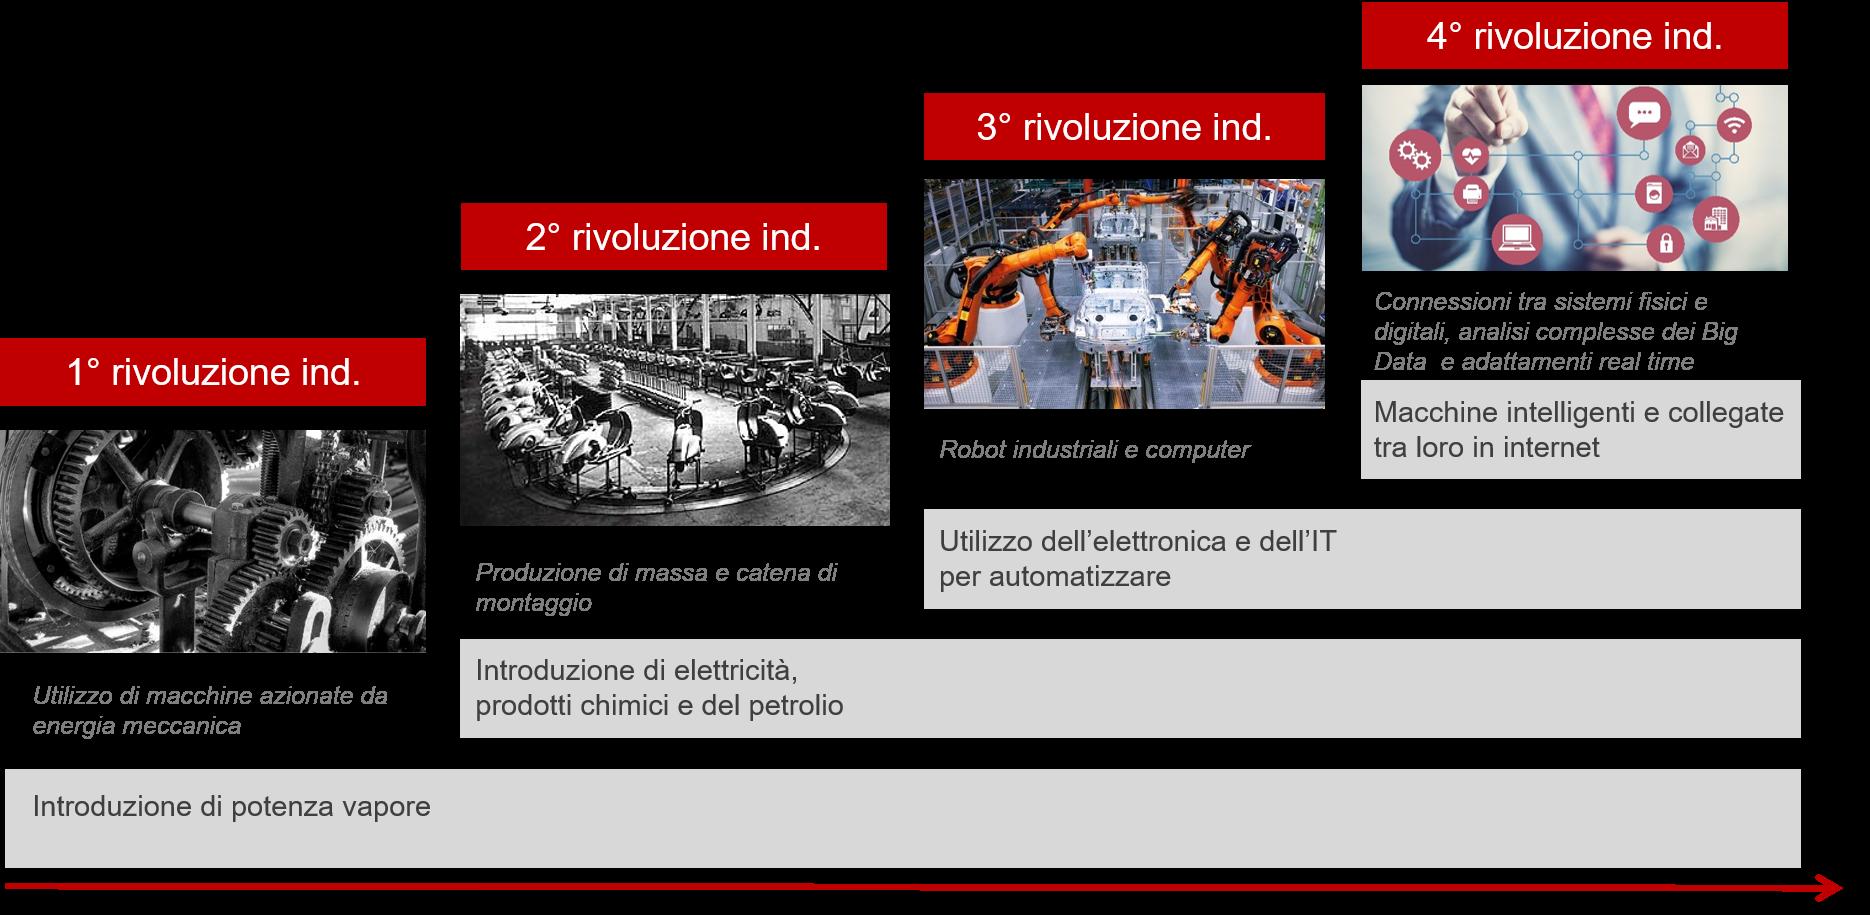 RivoluzioneIndustriale_Industria4